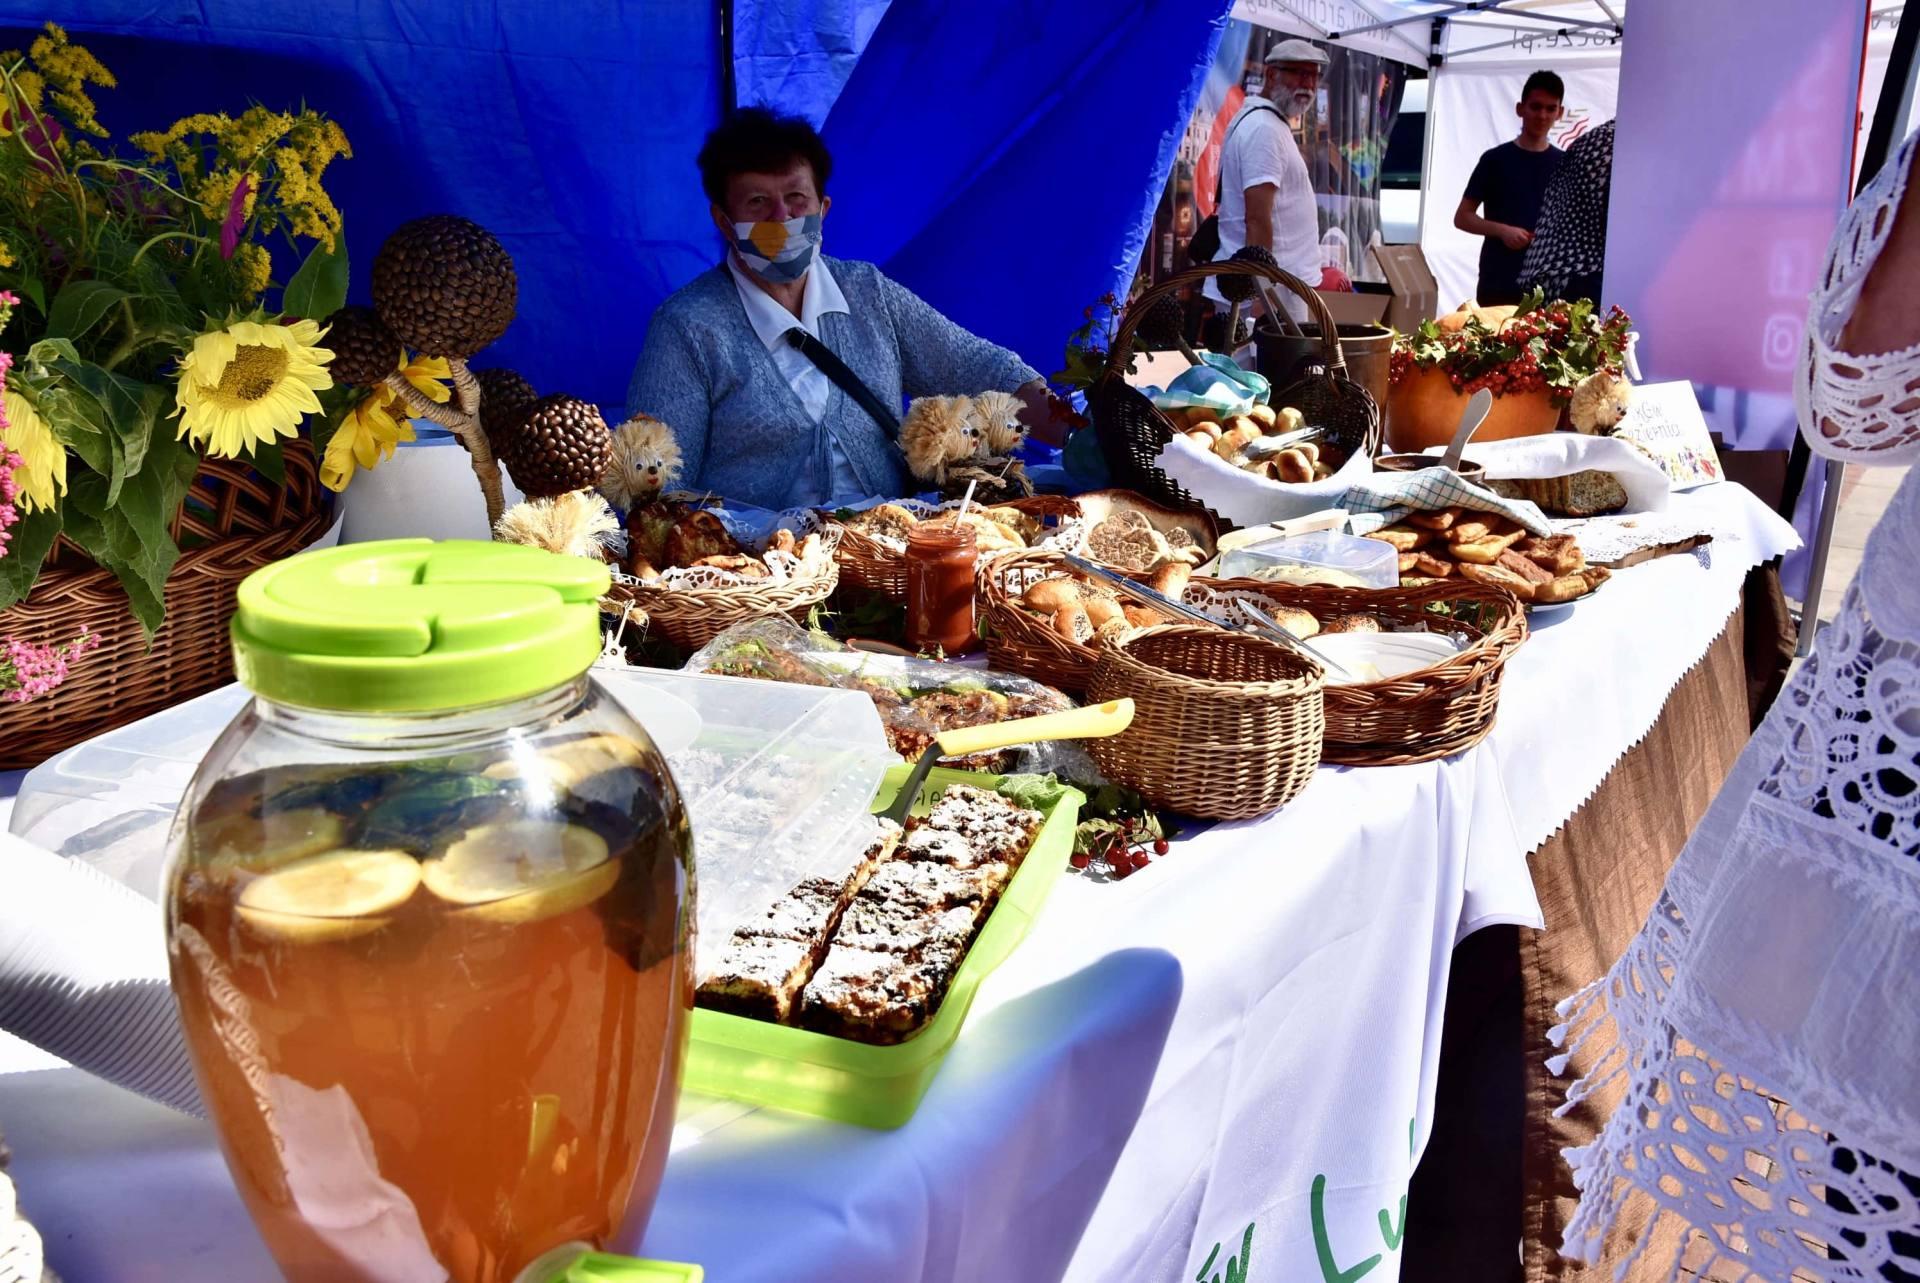 dsc 0455 Żywność prosto od rolnika na Rynku Wielkim w Zamościu. Zobacz zdjęcia i film